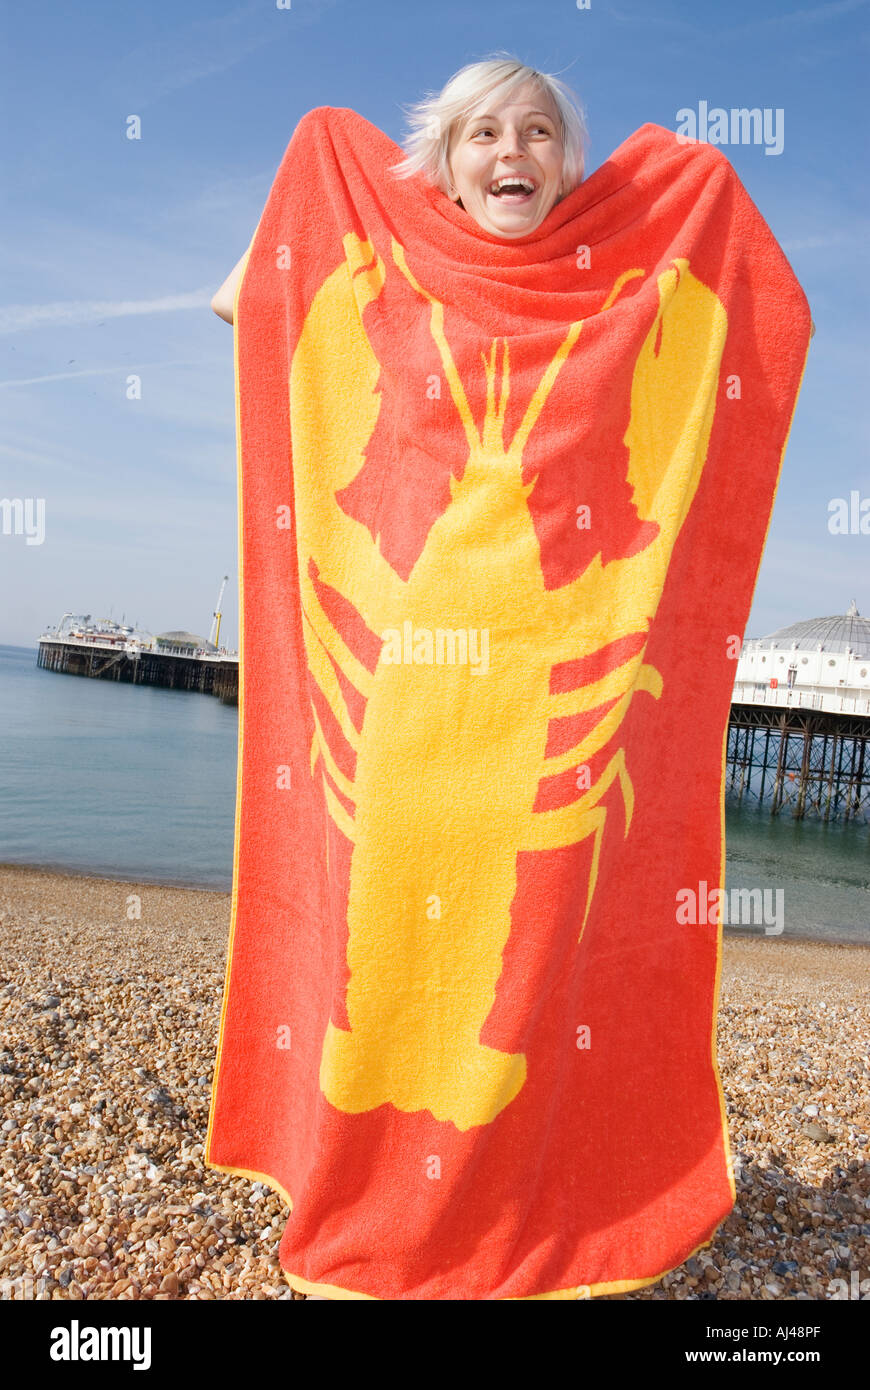 Jeune femme à la plage rouge tenant une serviette de plage qui un homard jaune imprimé sur elle Photo Stock